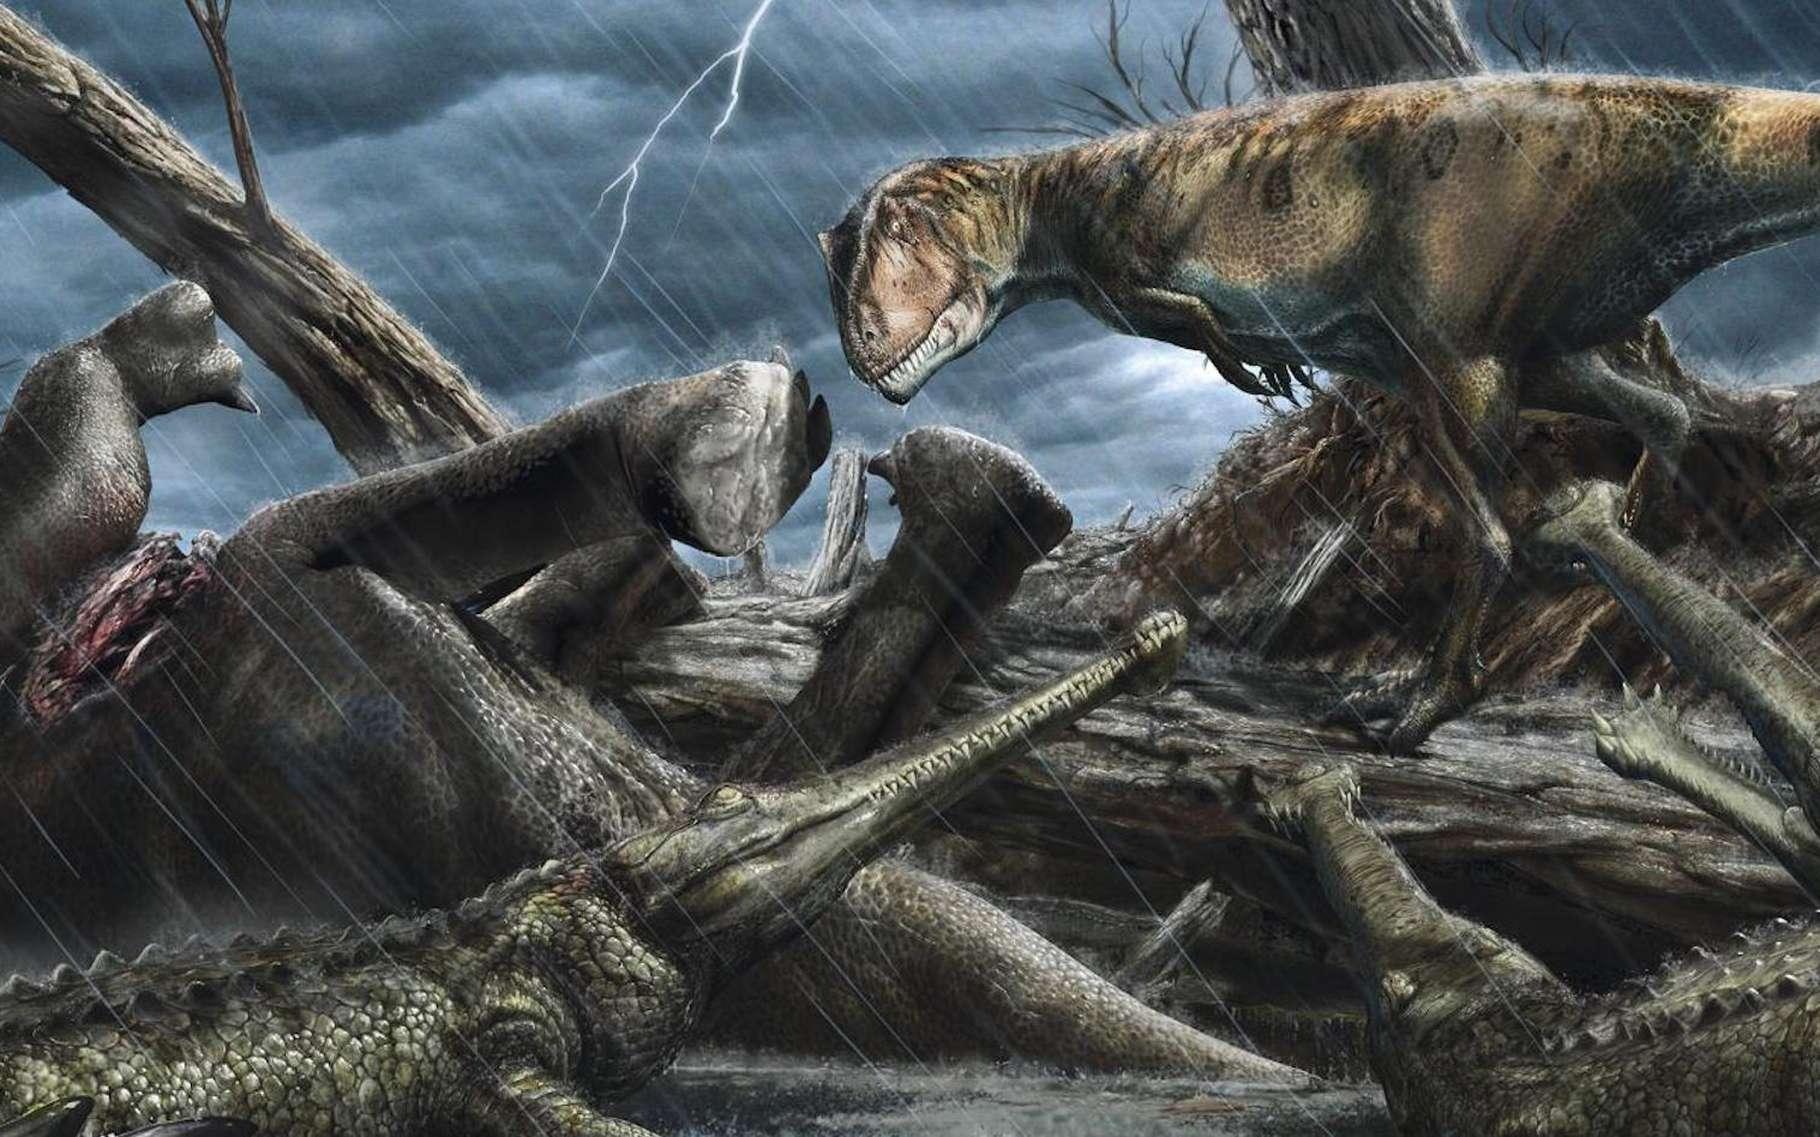 Le dinosaure prédateur géant qu'est le Carcharodontosaurus observe ici un groupe d'Elosuchus — des chasseurs ressemblant à des crocodiles — près d'une carcasse. Une scène qui a pu se jouer dans ce paradis des carnivores situé dans le sud-est du Maroc. © Davide Bonadonna, Université de Portsmouth